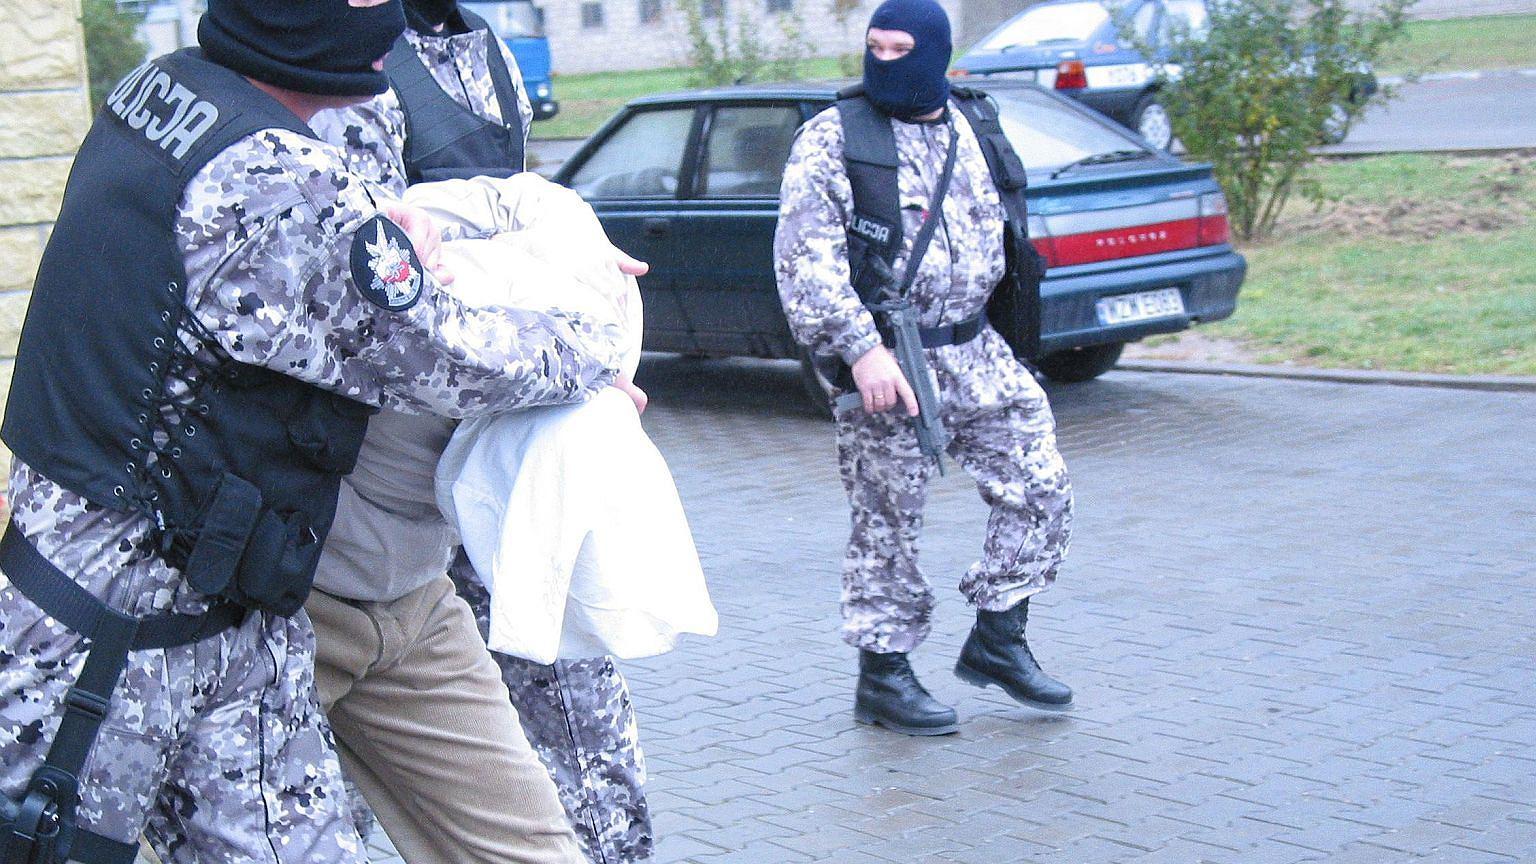 Radom, 2004. Policjanci zatrzymali członka gangu mającego na koncie porwania, rozboje i handel narkotykami